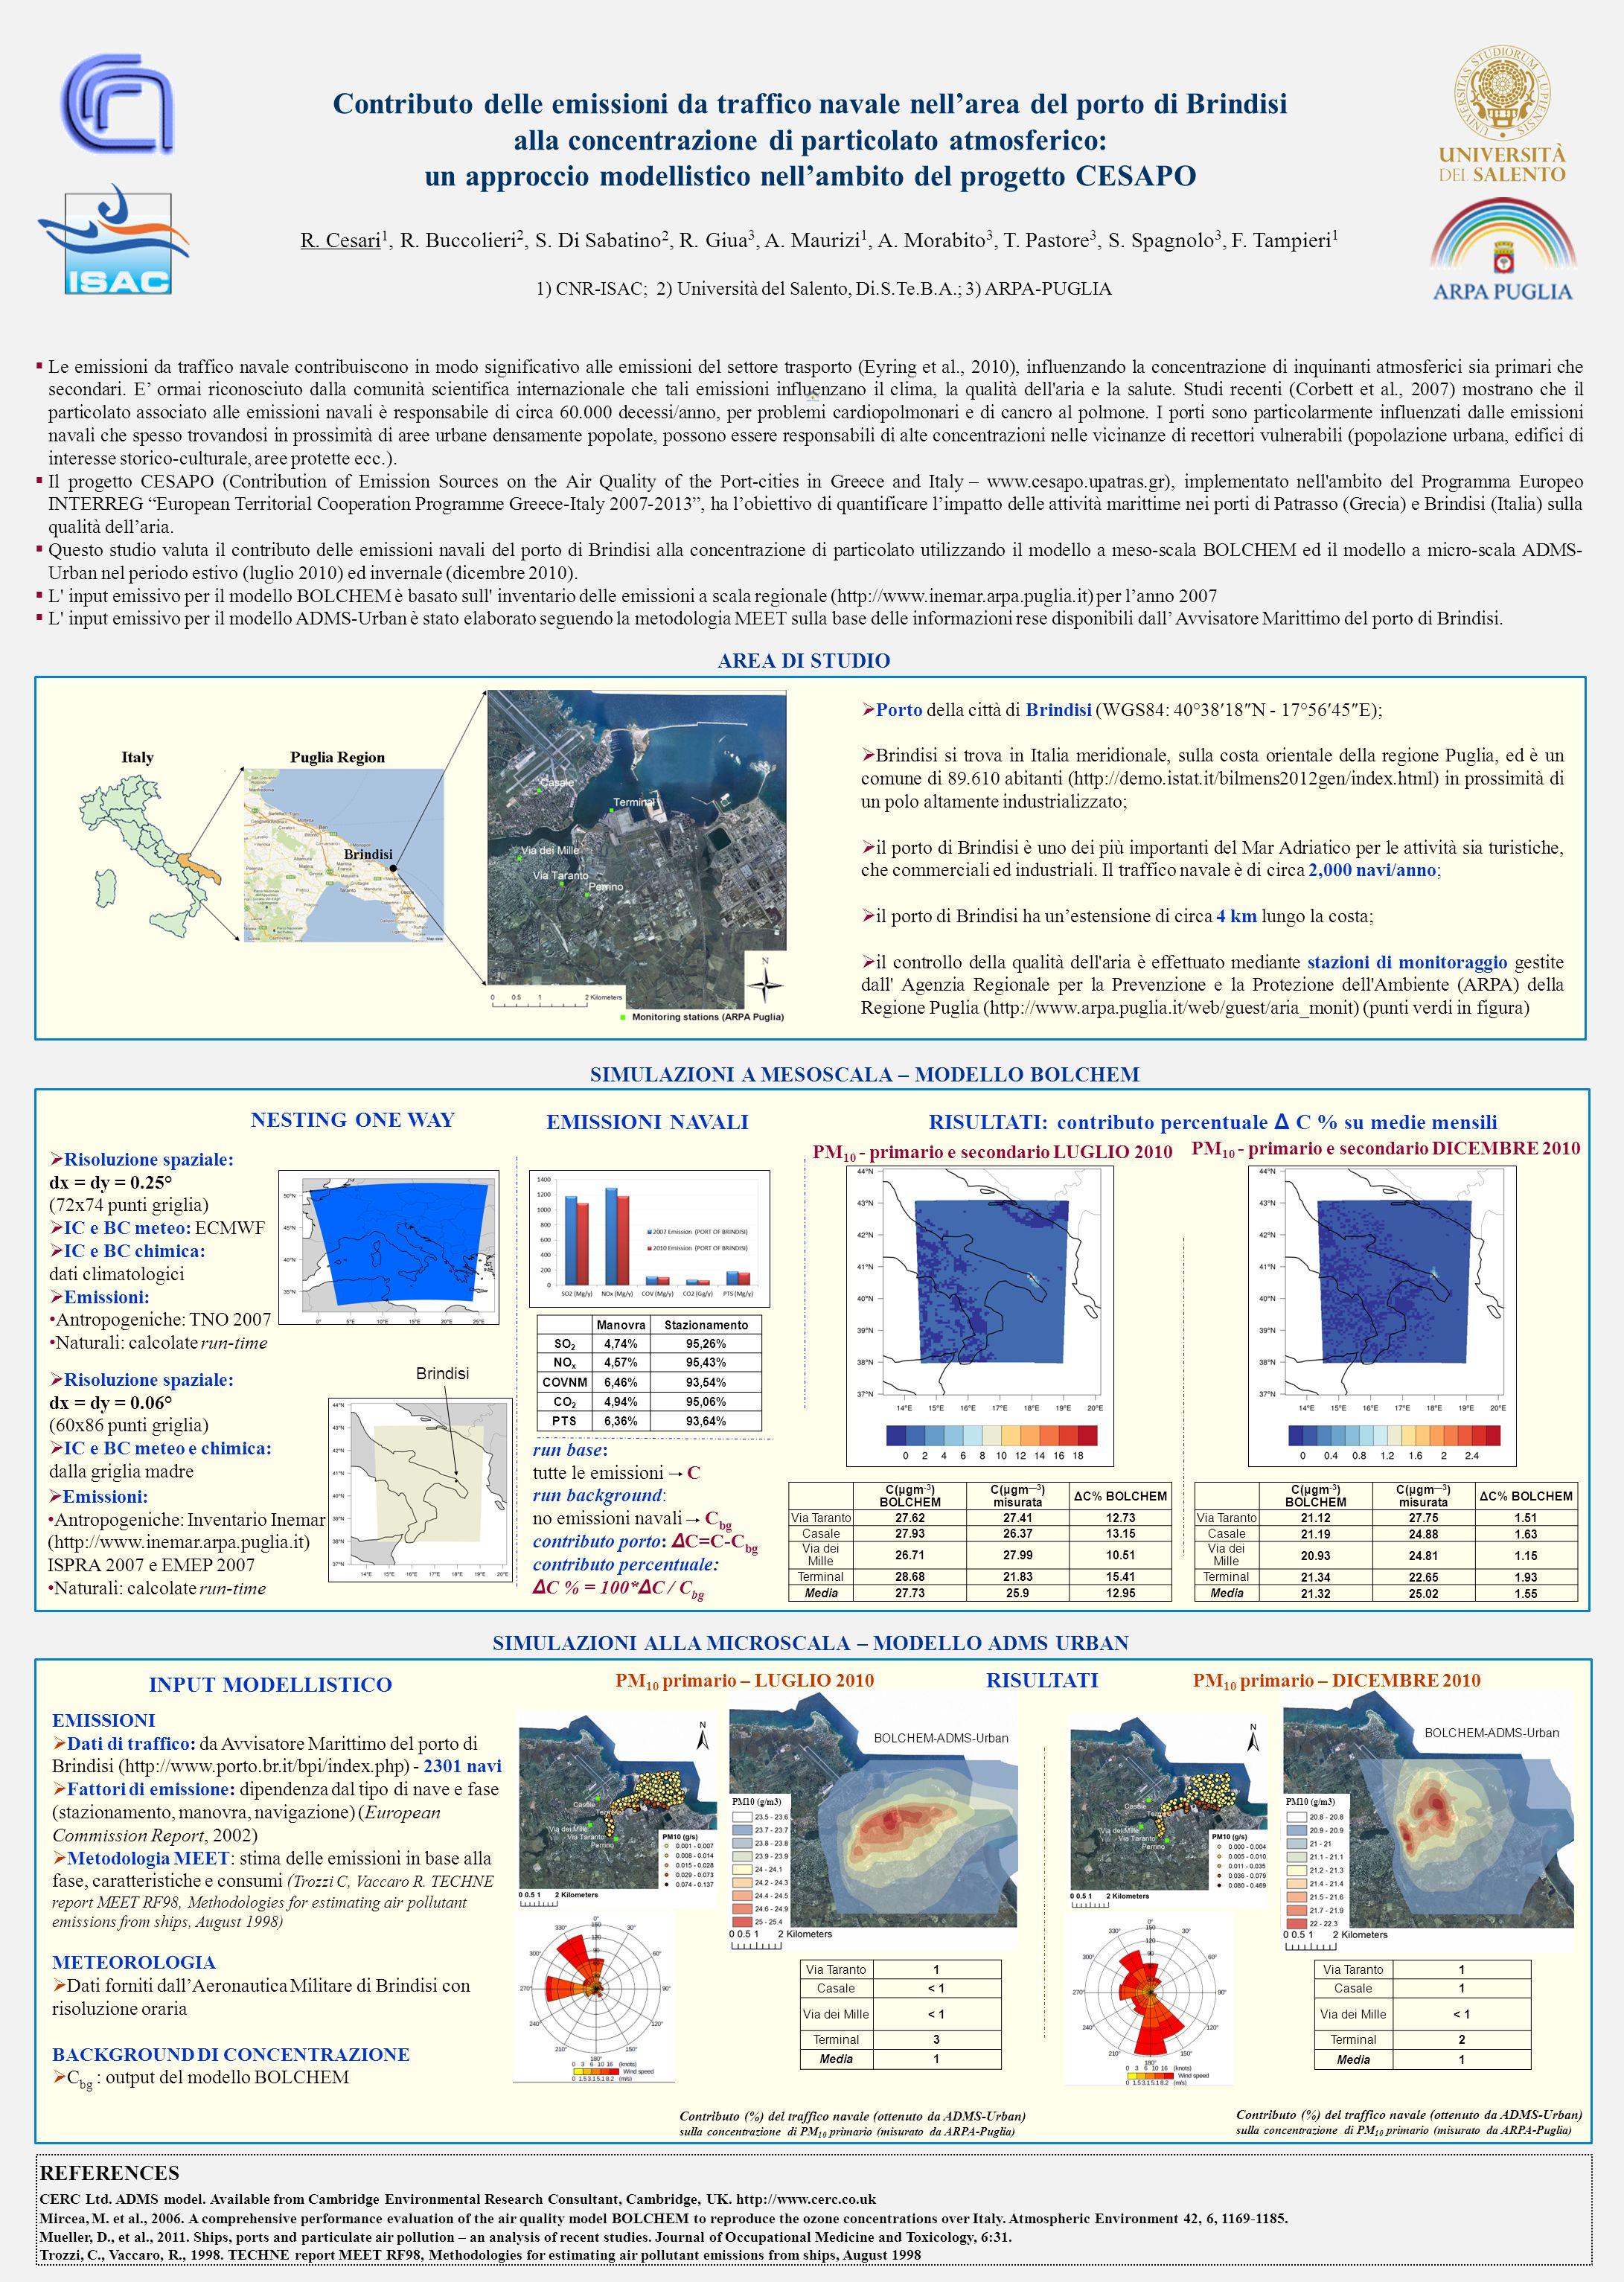 Contributo delle emissioni da traffico navale nell'area del porto di Brindisi alla concentrazione di particolato atmosferico: un approccio modellistico nell'ambito del progetto CESAPO R.